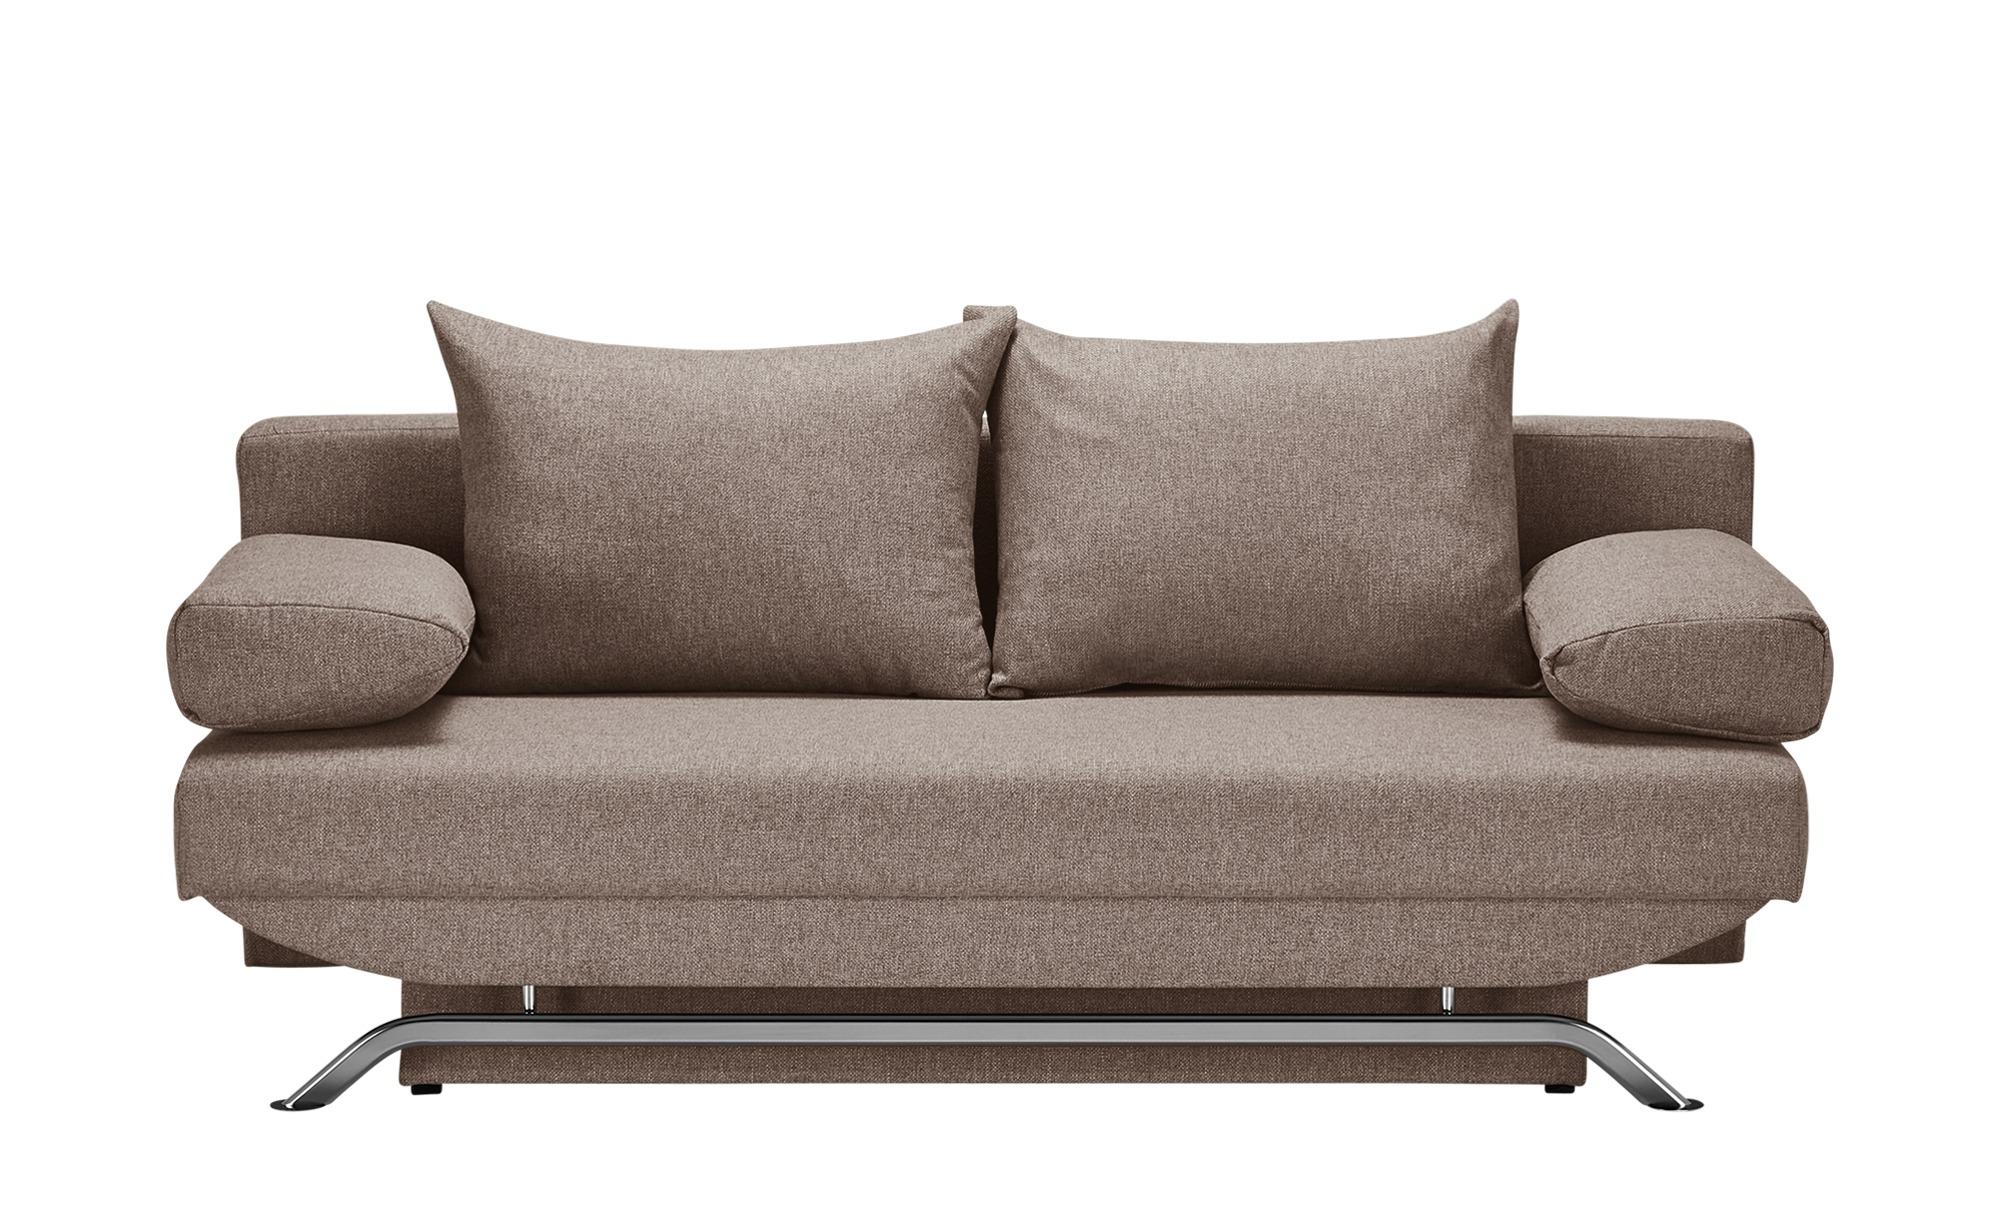 smart Schlafsofa braun - Flachgewebe Grit ¦ braun ¦ Maße (cm): B: 195 H: 76 T: 91 Polstermöbel > Sofas > Einzelsofas - Höffner